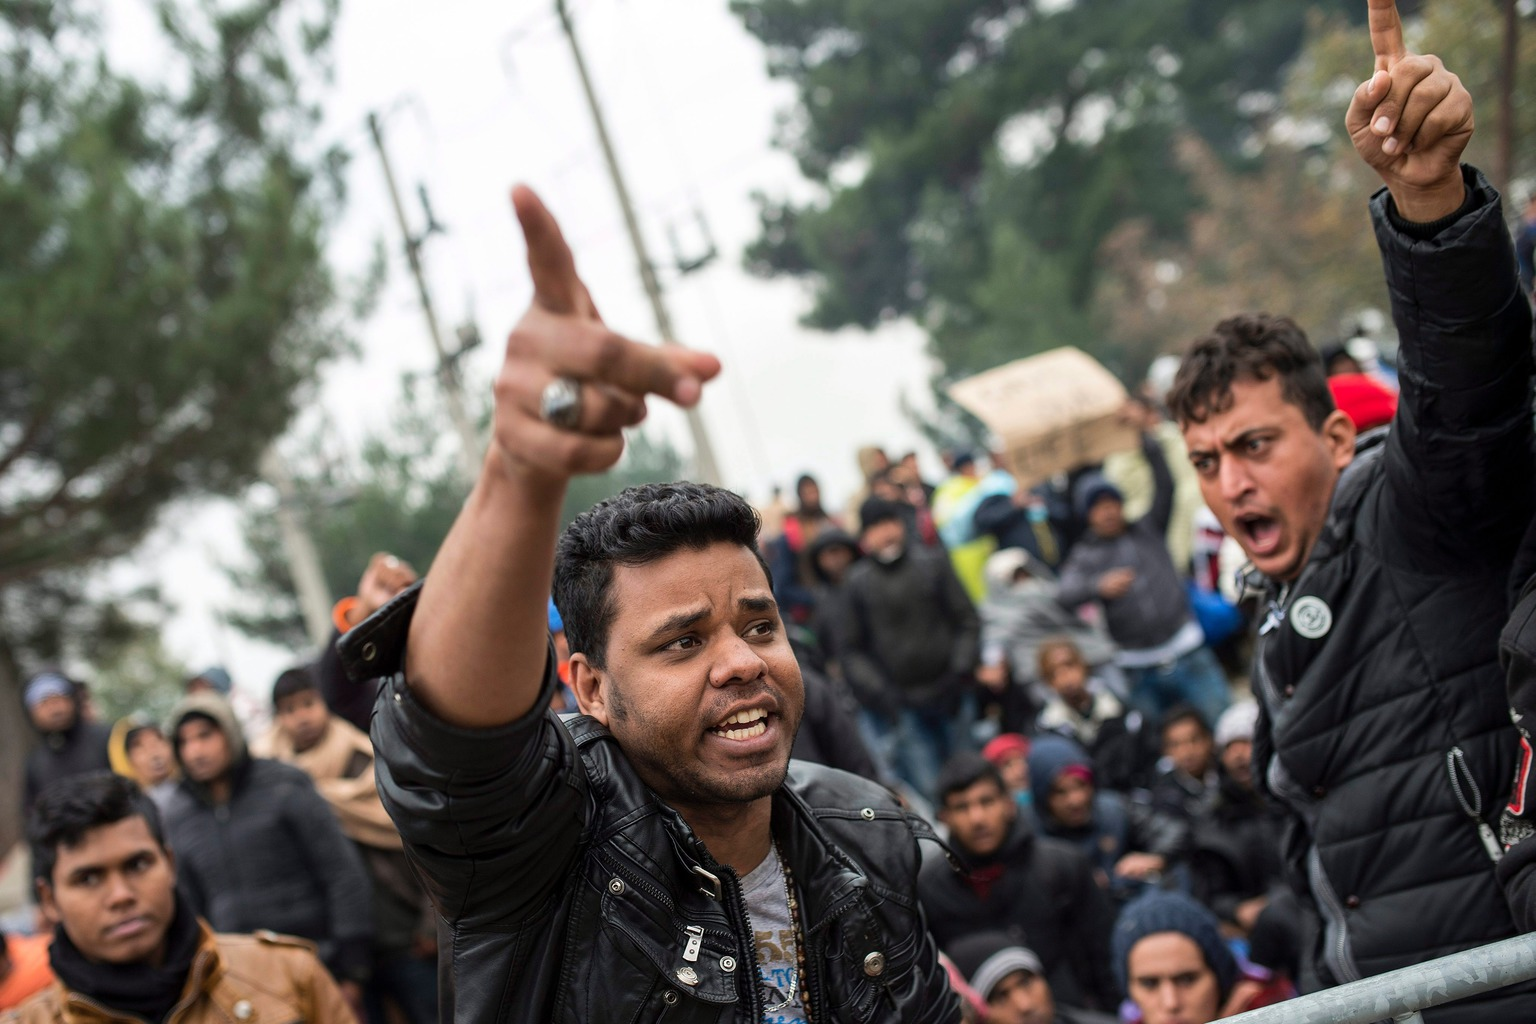 Gevgelija, 2015. november 21. Illegális bevándorlók tiltakoznak, mert nem léphetik át a határt Macedónia és Görögország között a dél-macedóniai Gevgelija közelében 2015. november 21-én. A határon feltorlódtak a bevándorlók, mert a macedón hatóságok csak a szíriai, iraki vagy afgán állampolgárokat engedik be az országukba. (MTI/EPA/Georgi Likovszki)